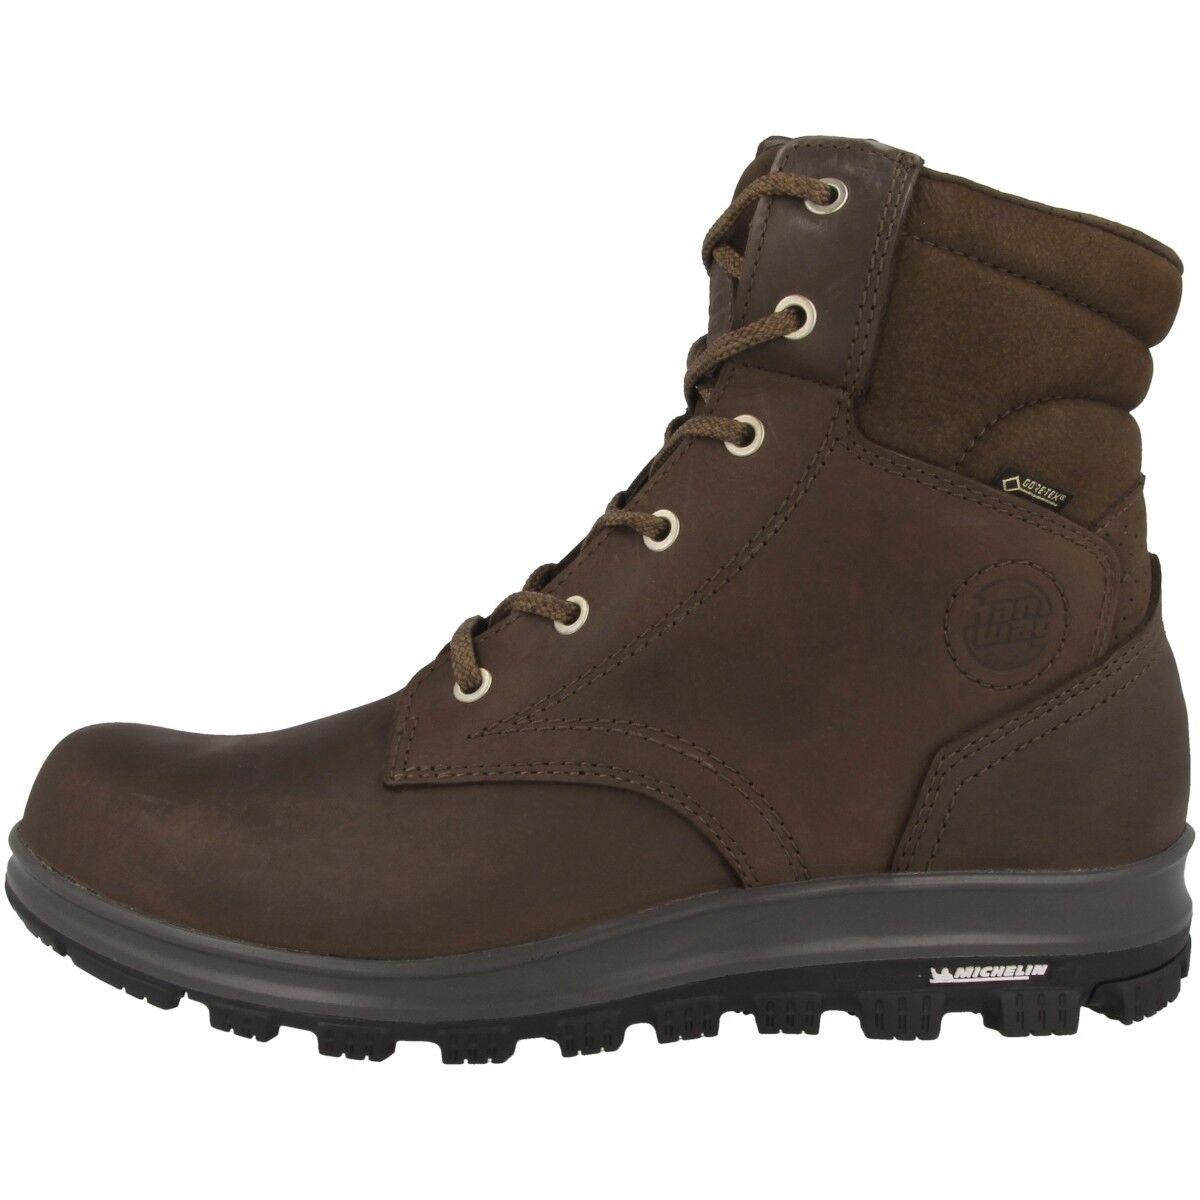 Hanwag Anvik GTX Al aire libre zapatos caballero Gore-Tex  casual botas marrón 44260-510  marca famosa